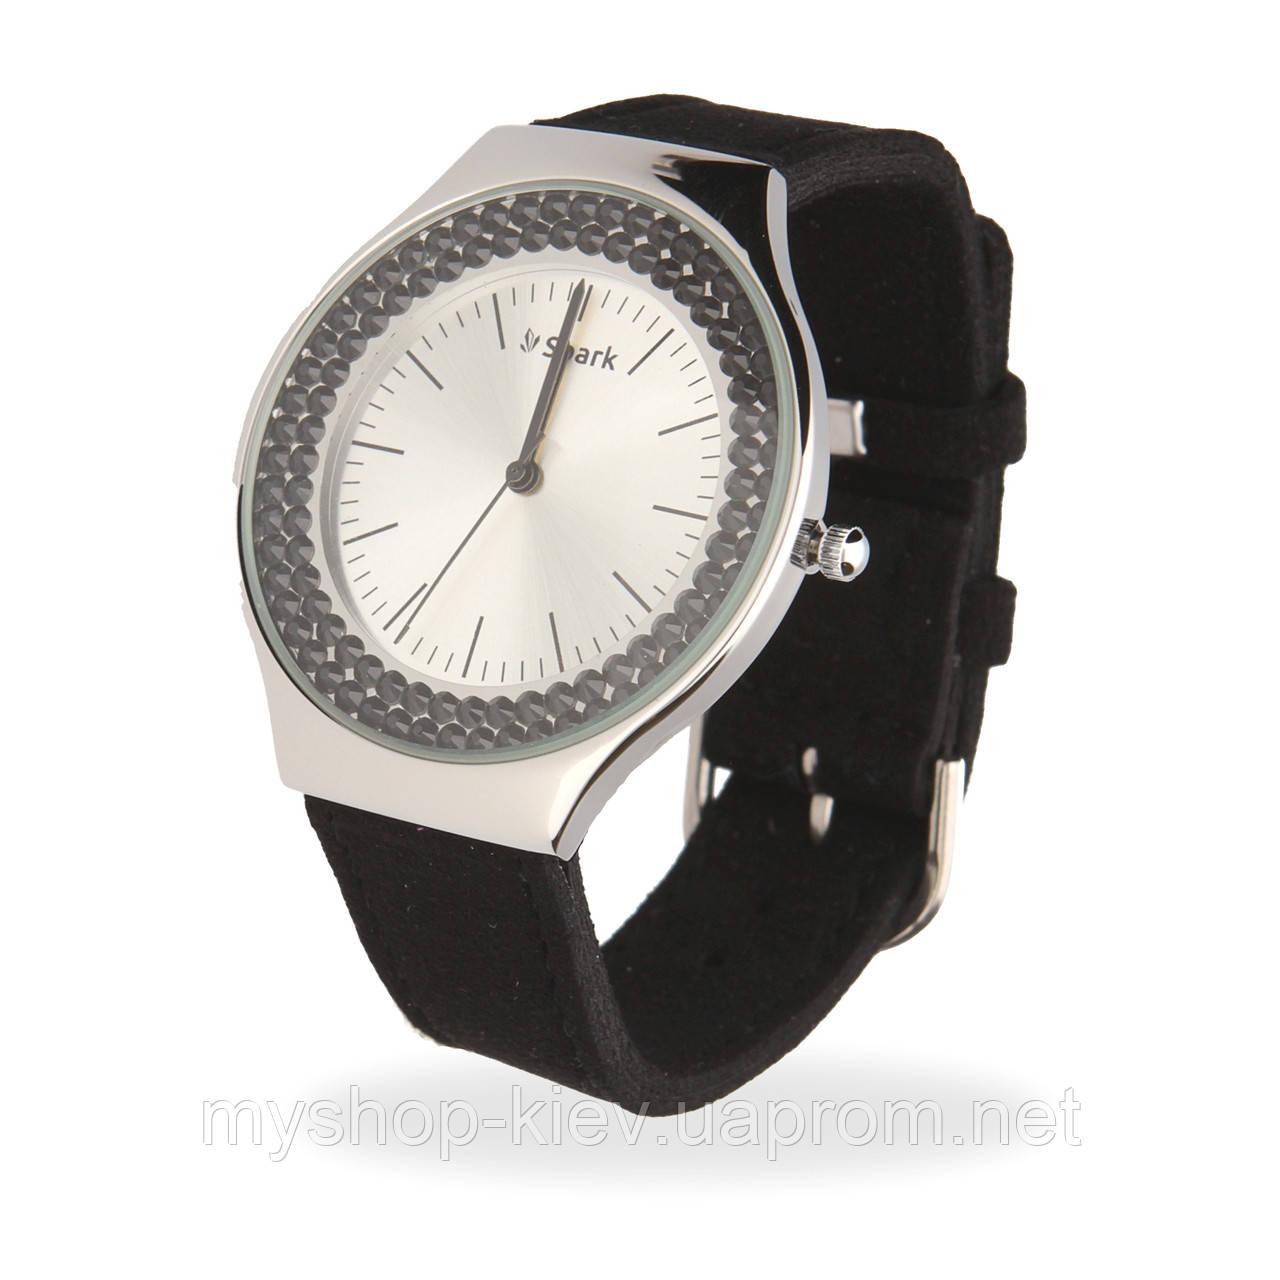 Купить часы женские с кристаллами сваровски купить швейцарские часы мужские в тюмени